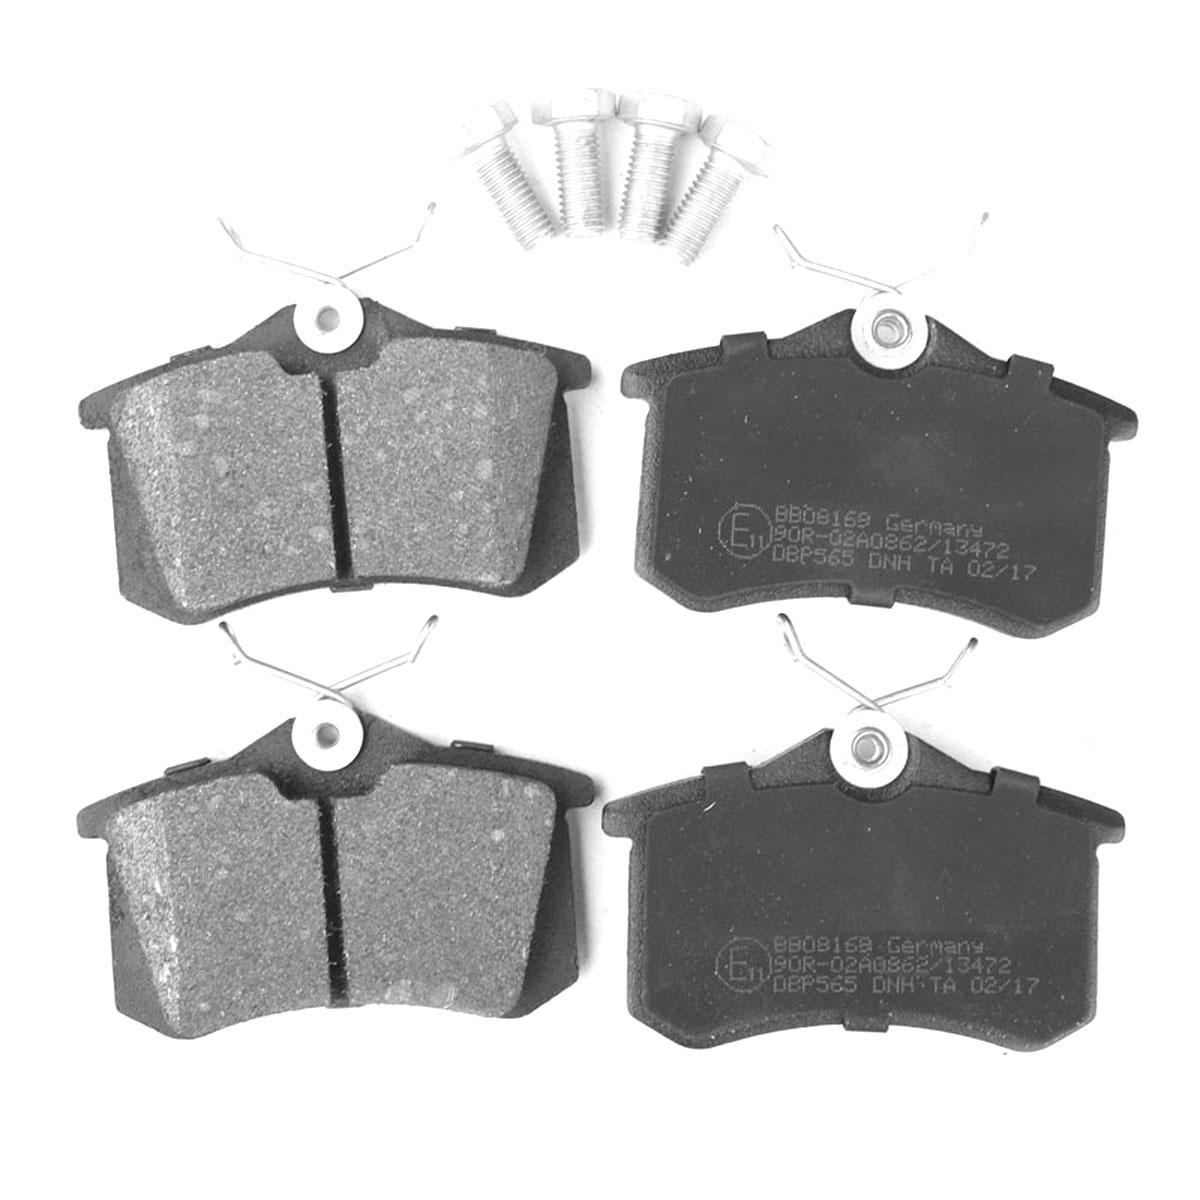 Bremsbelagsatz, Scheibenbremse, Hinterachse für Audi, Seat, Skoda, VW, BB08169